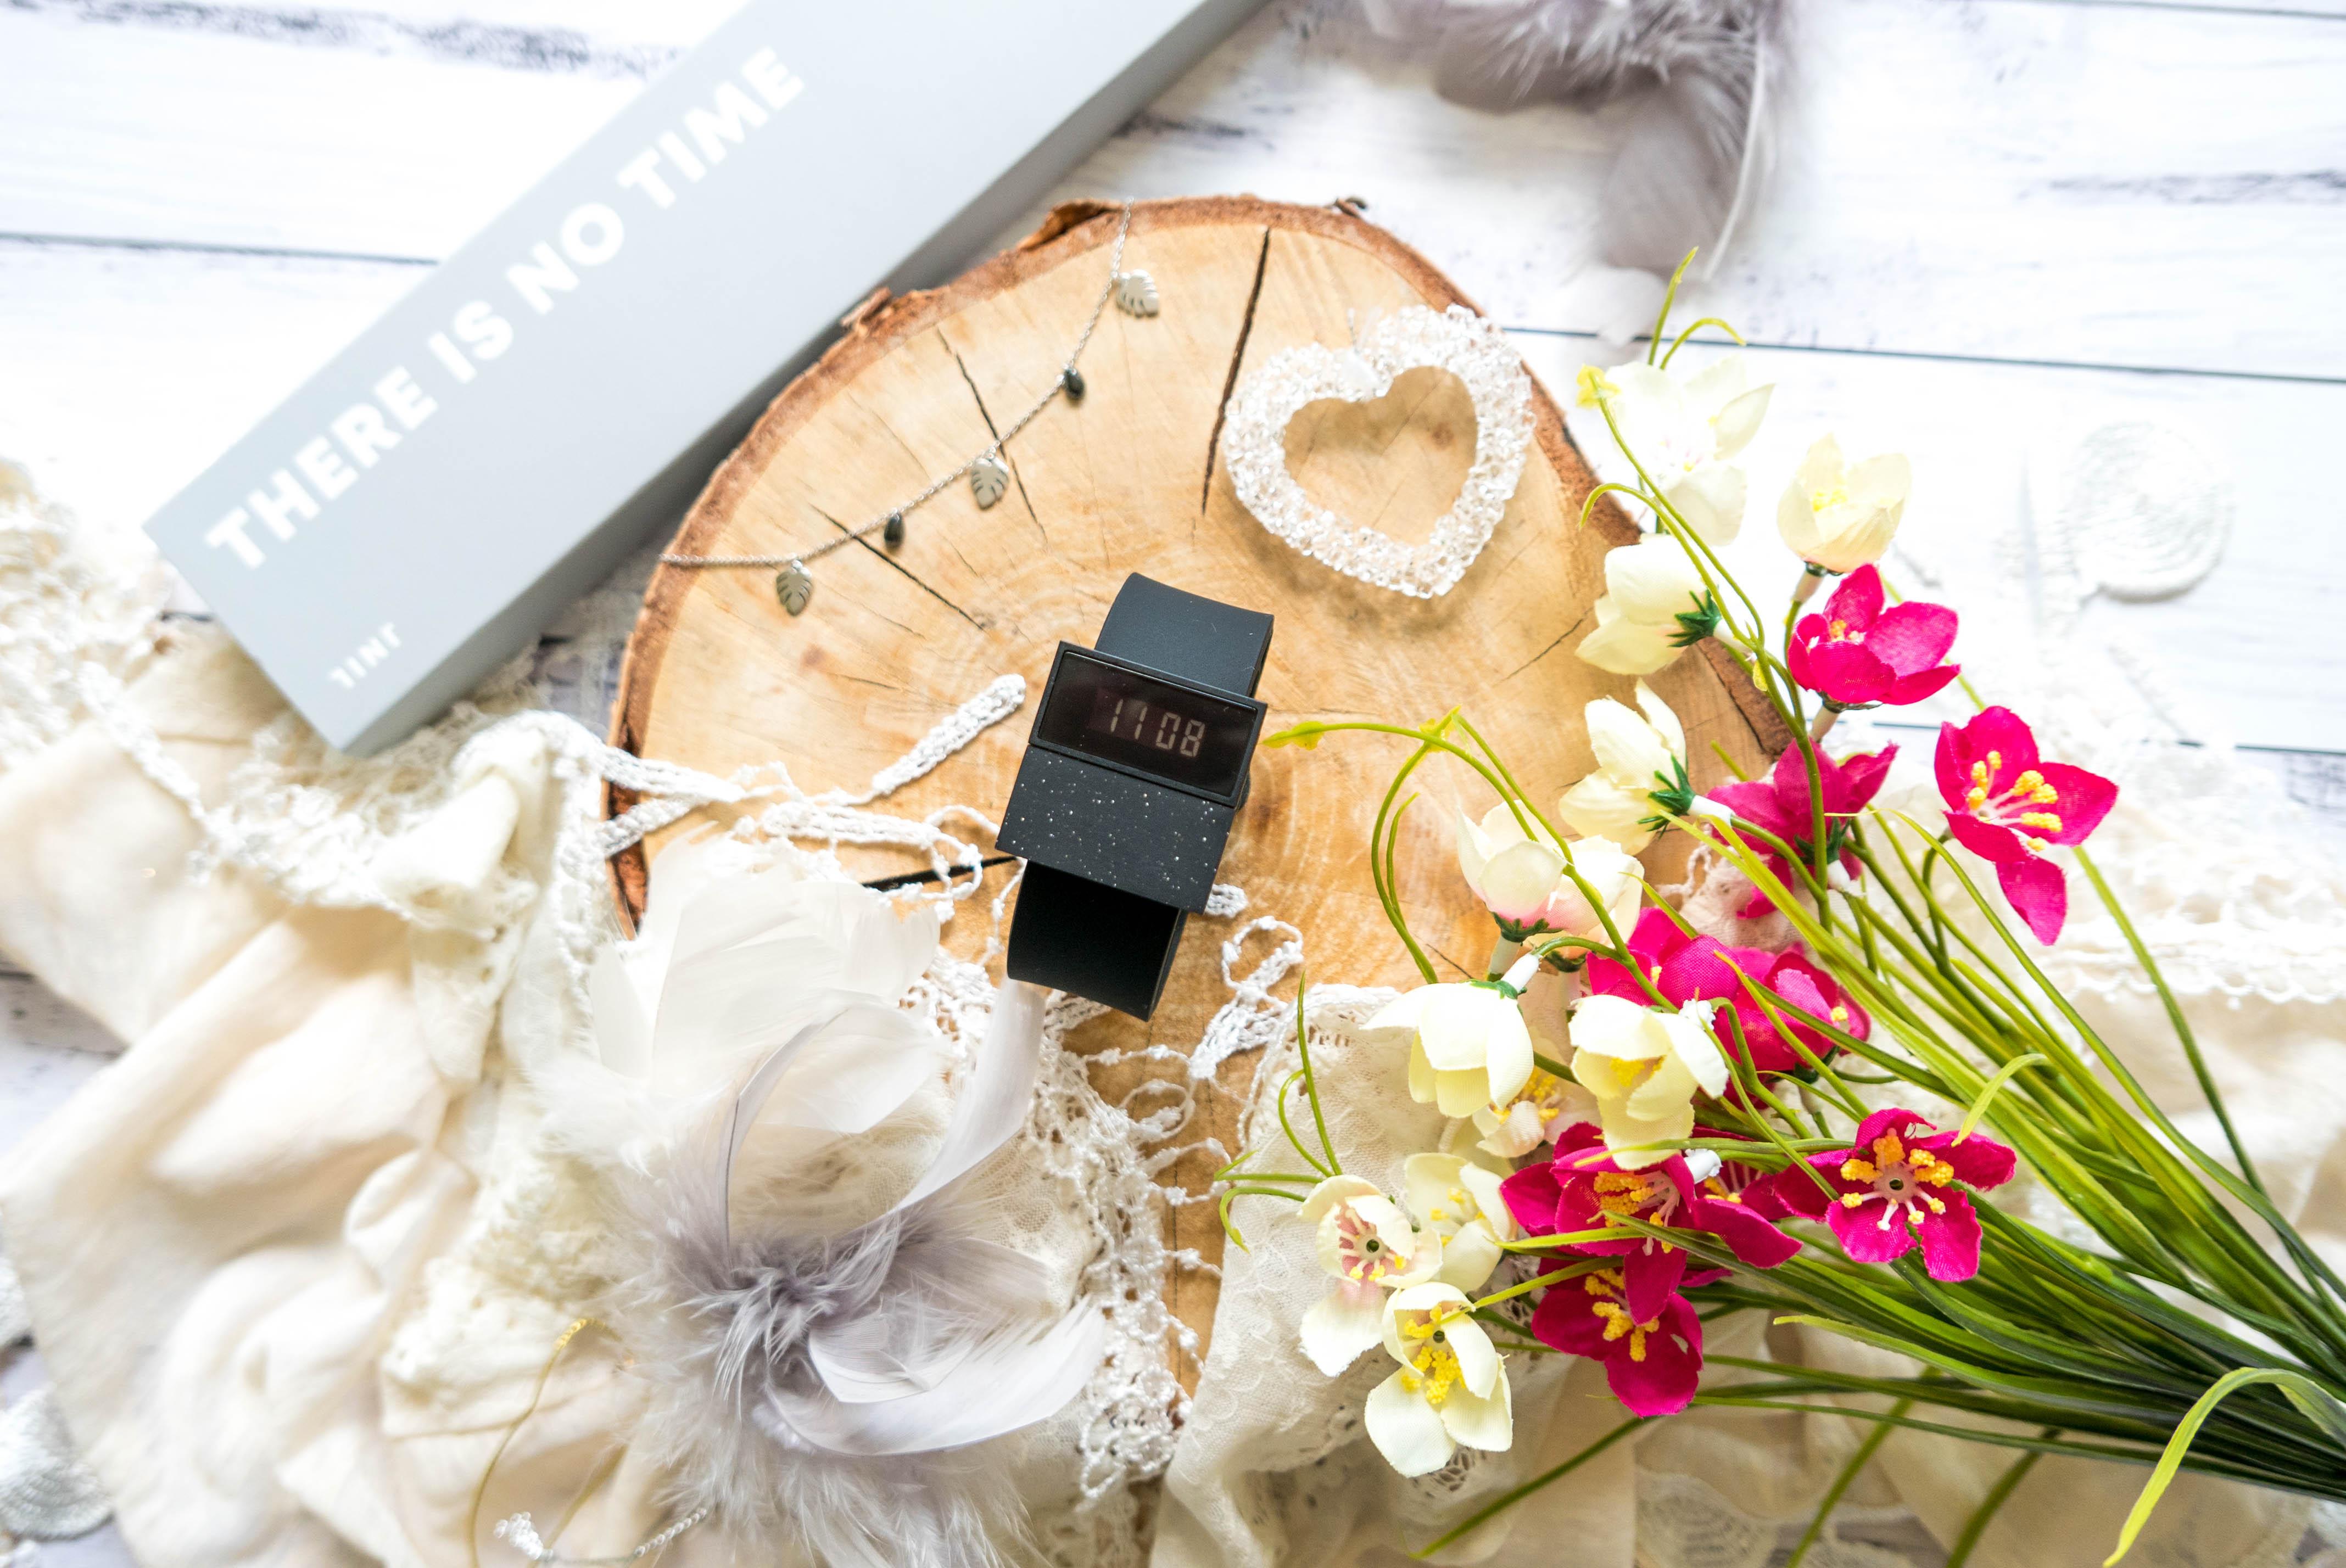 zegarek dbający o środowisko